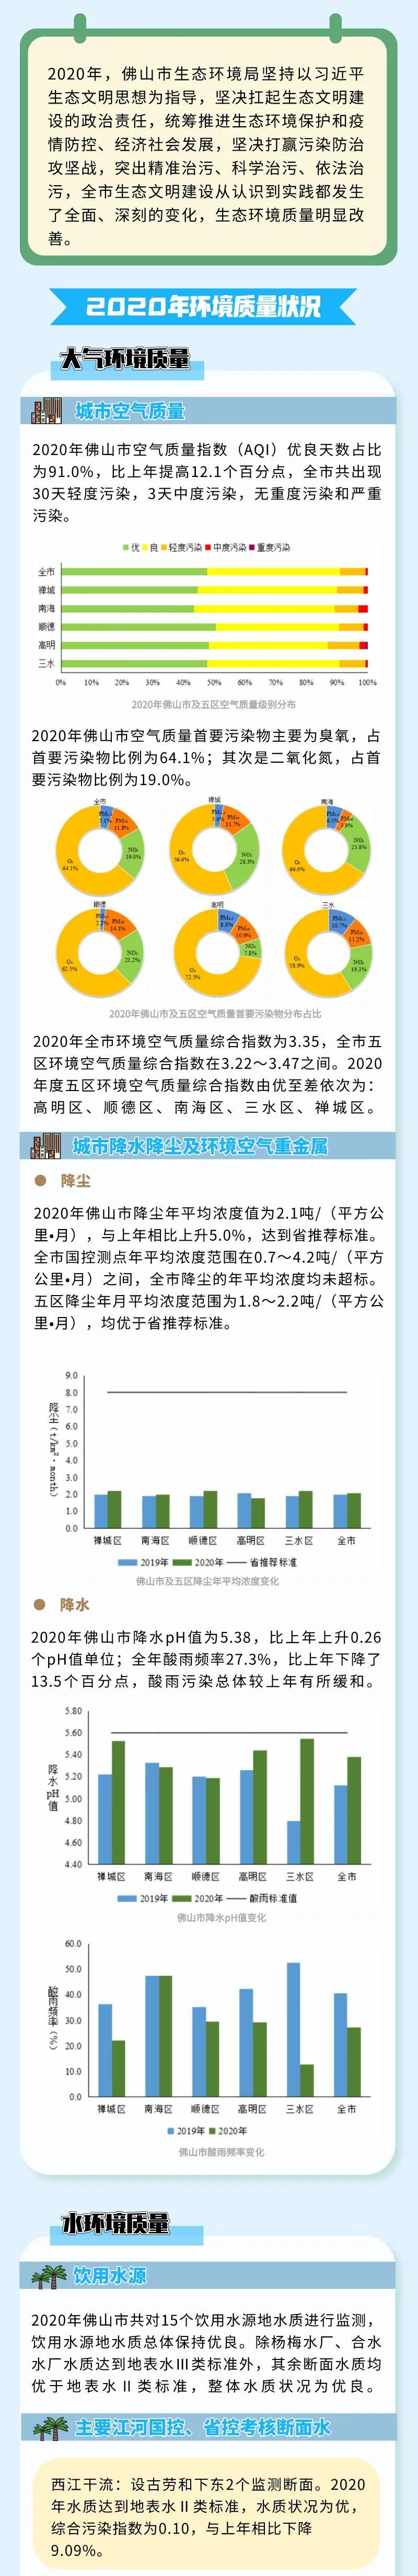 2020年佛山市生态环境状况公布